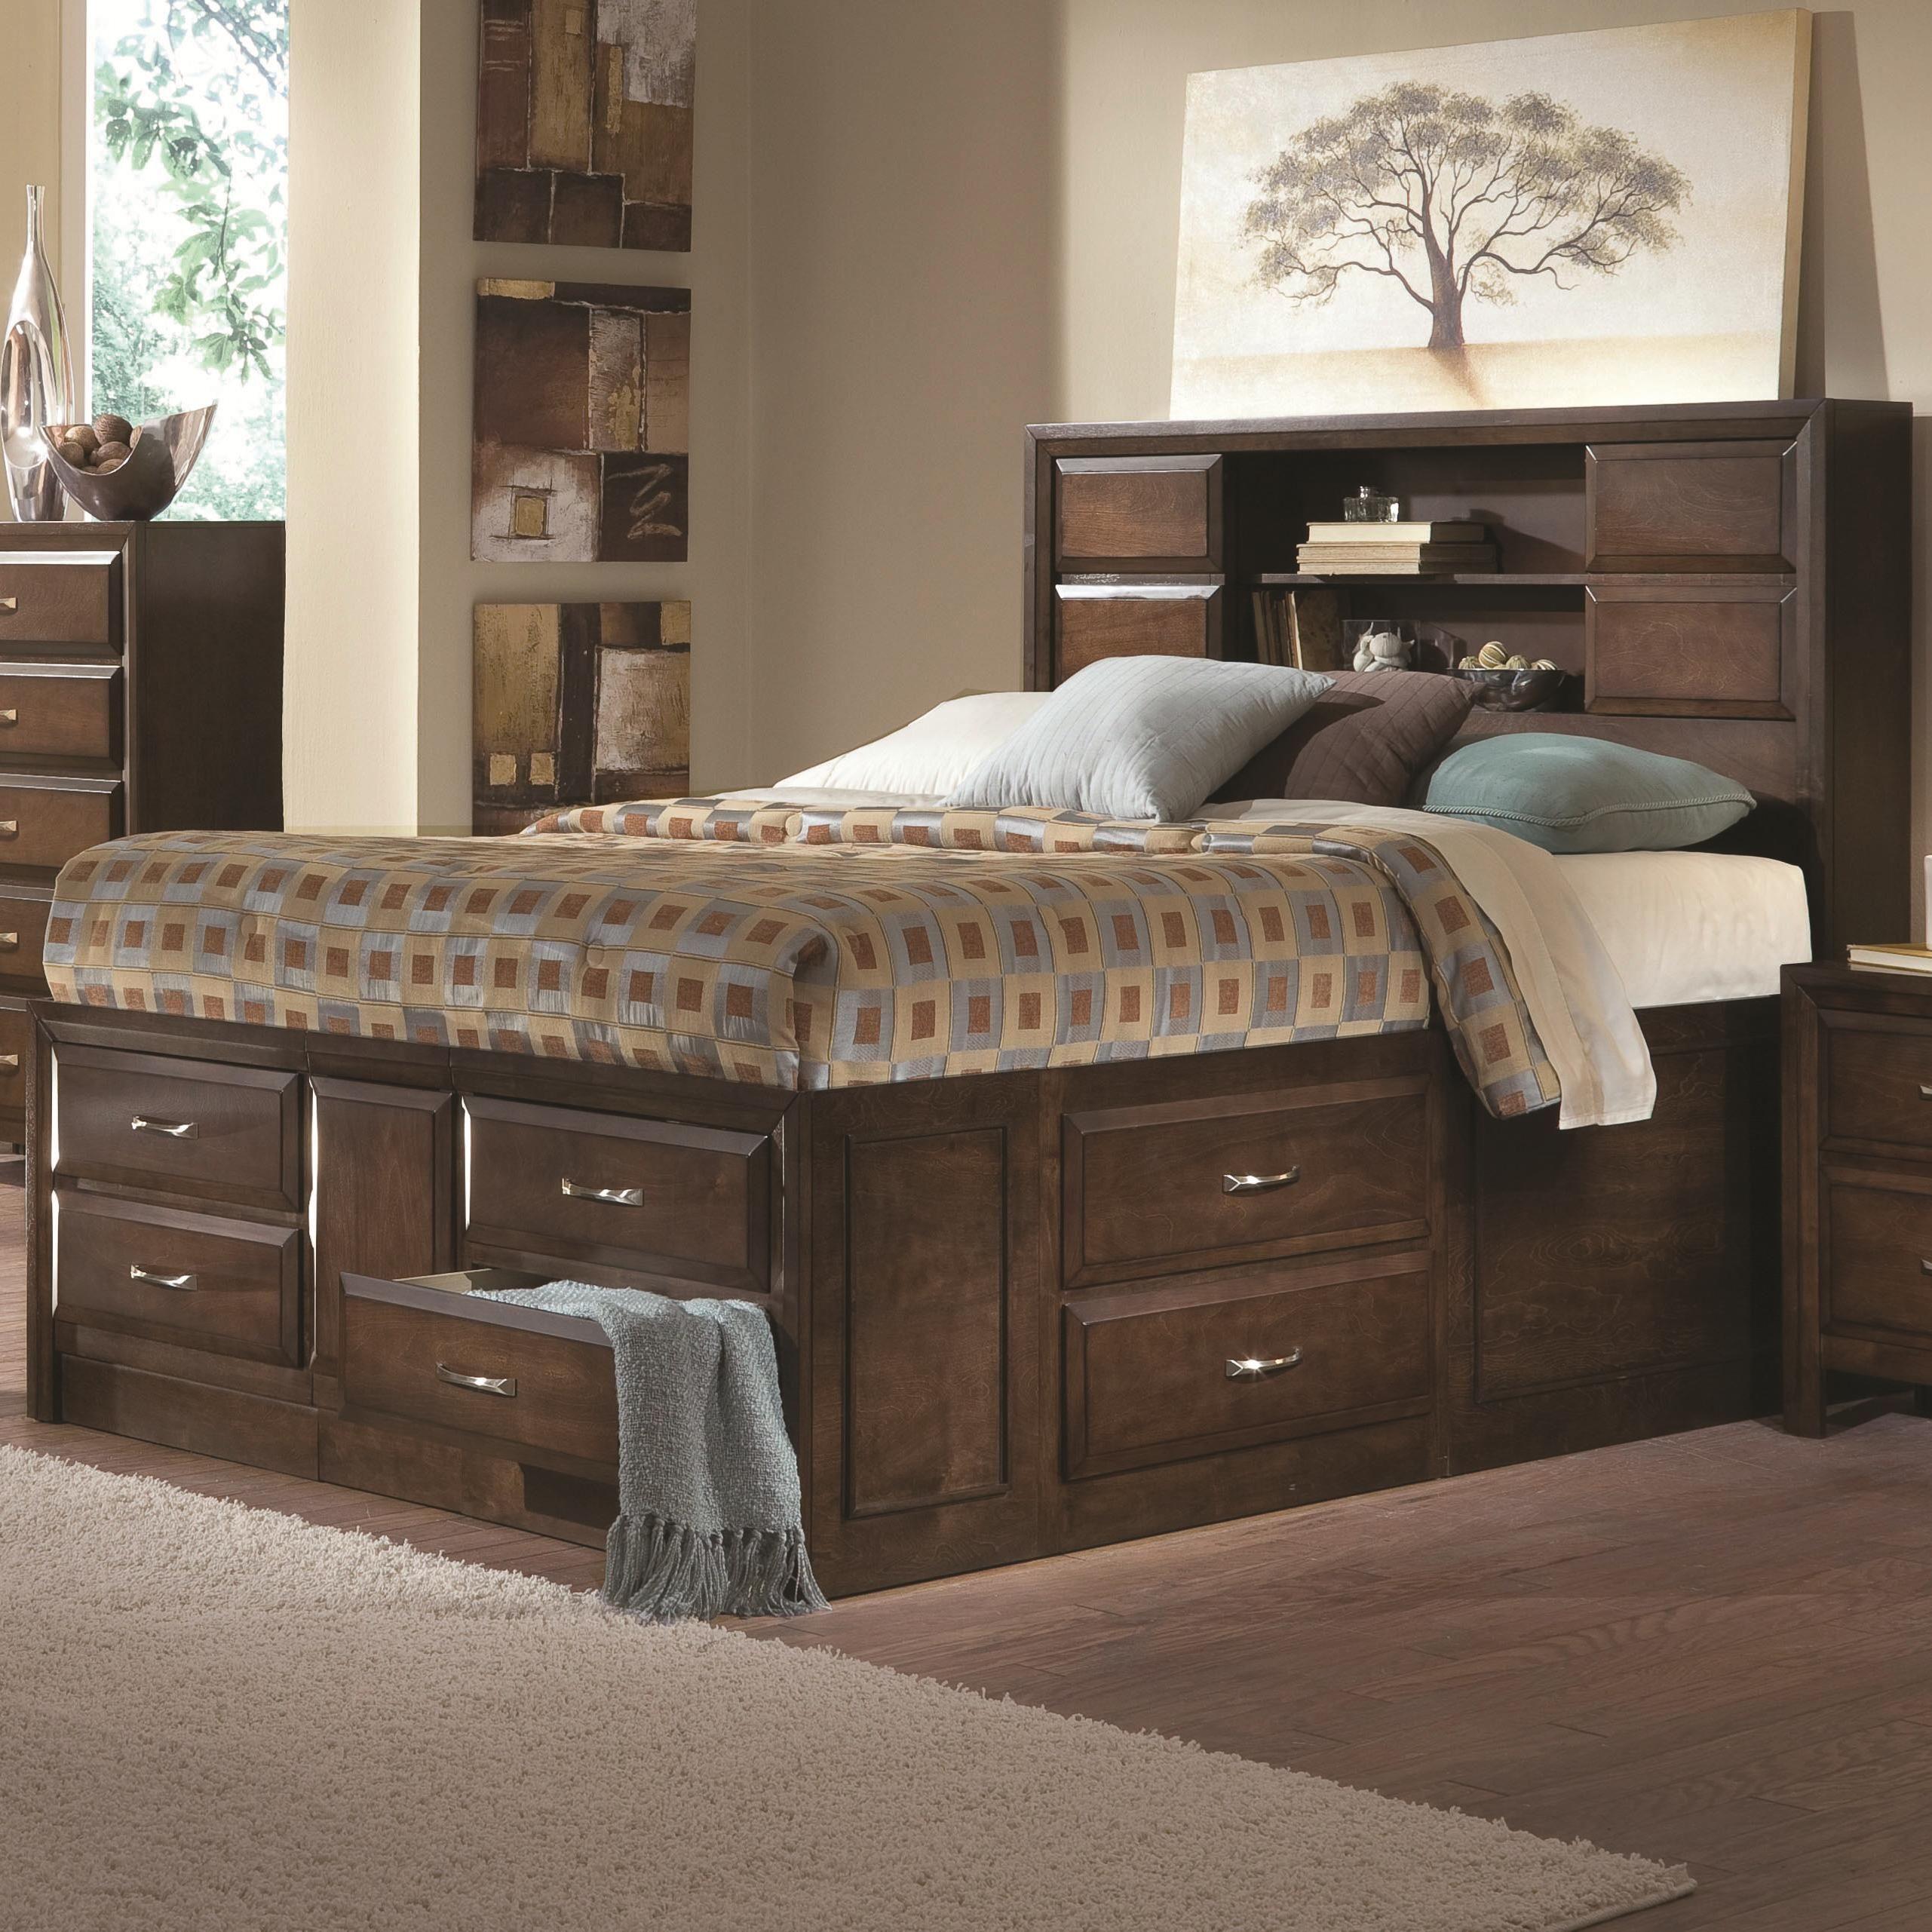 lagerung betten f r kleine r ume die meisten. Black Bedroom Furniture Sets. Home Design Ideas